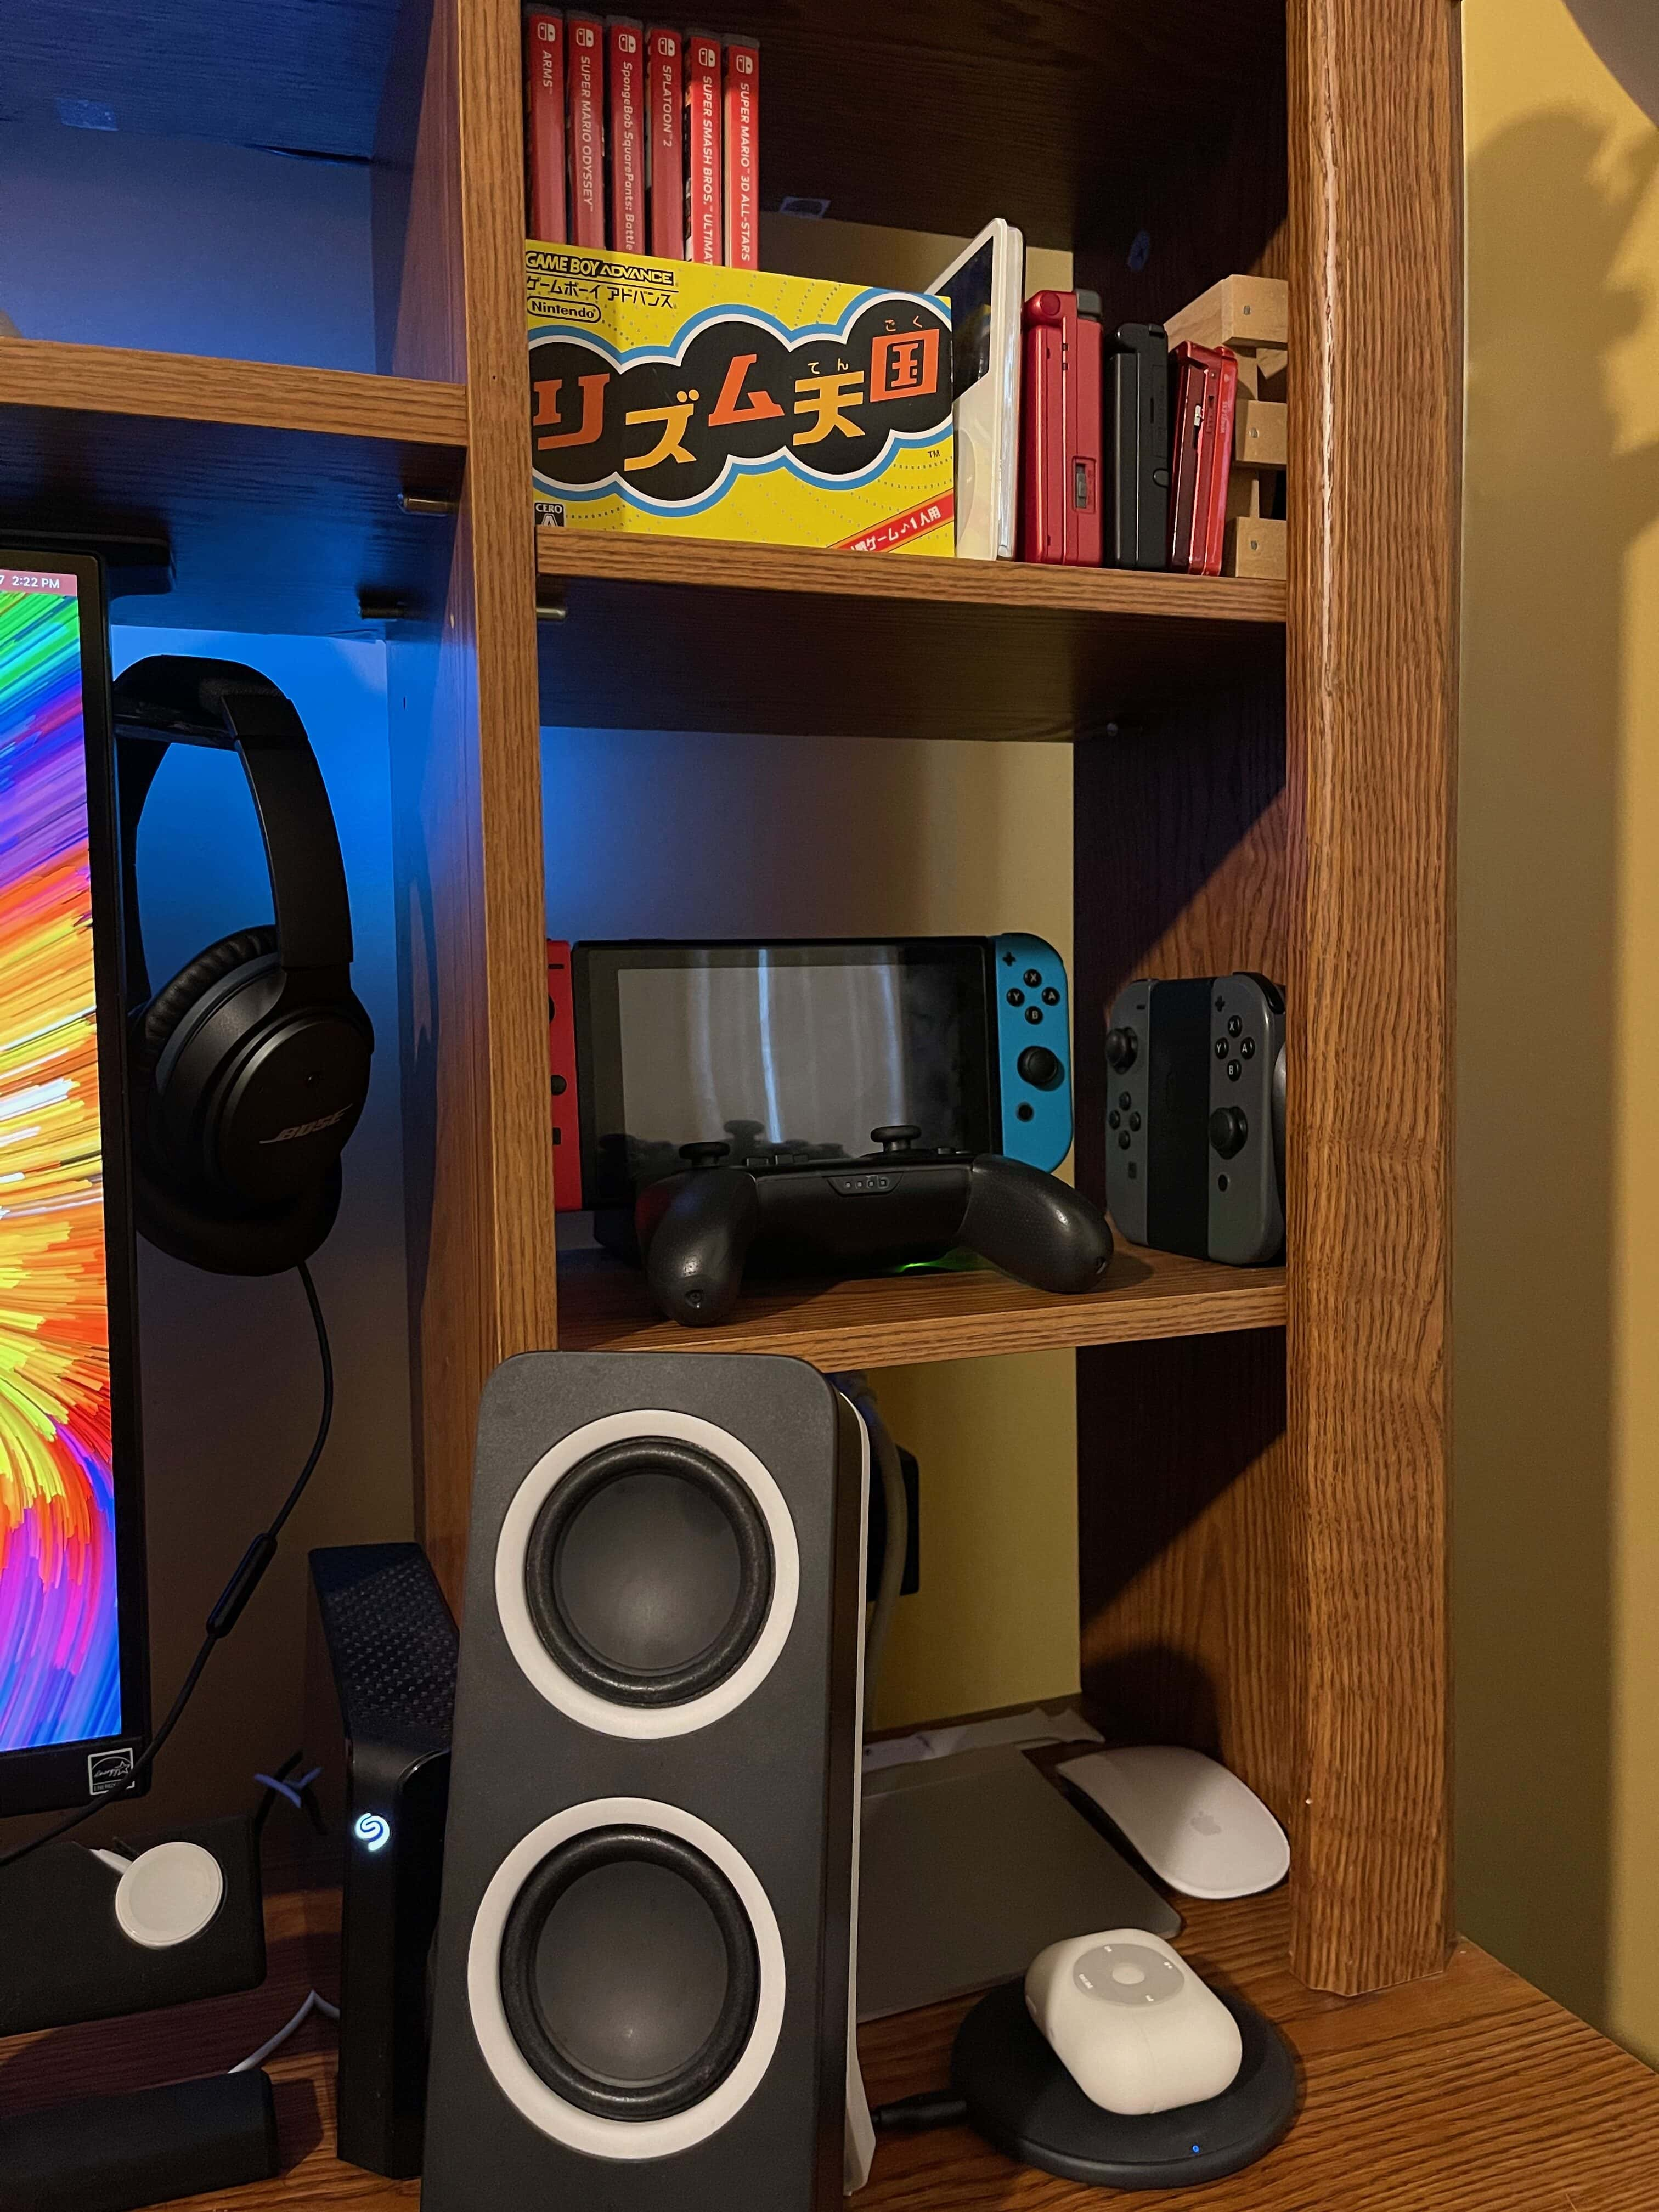 The second shelf up is like a shrine to Nintendo.